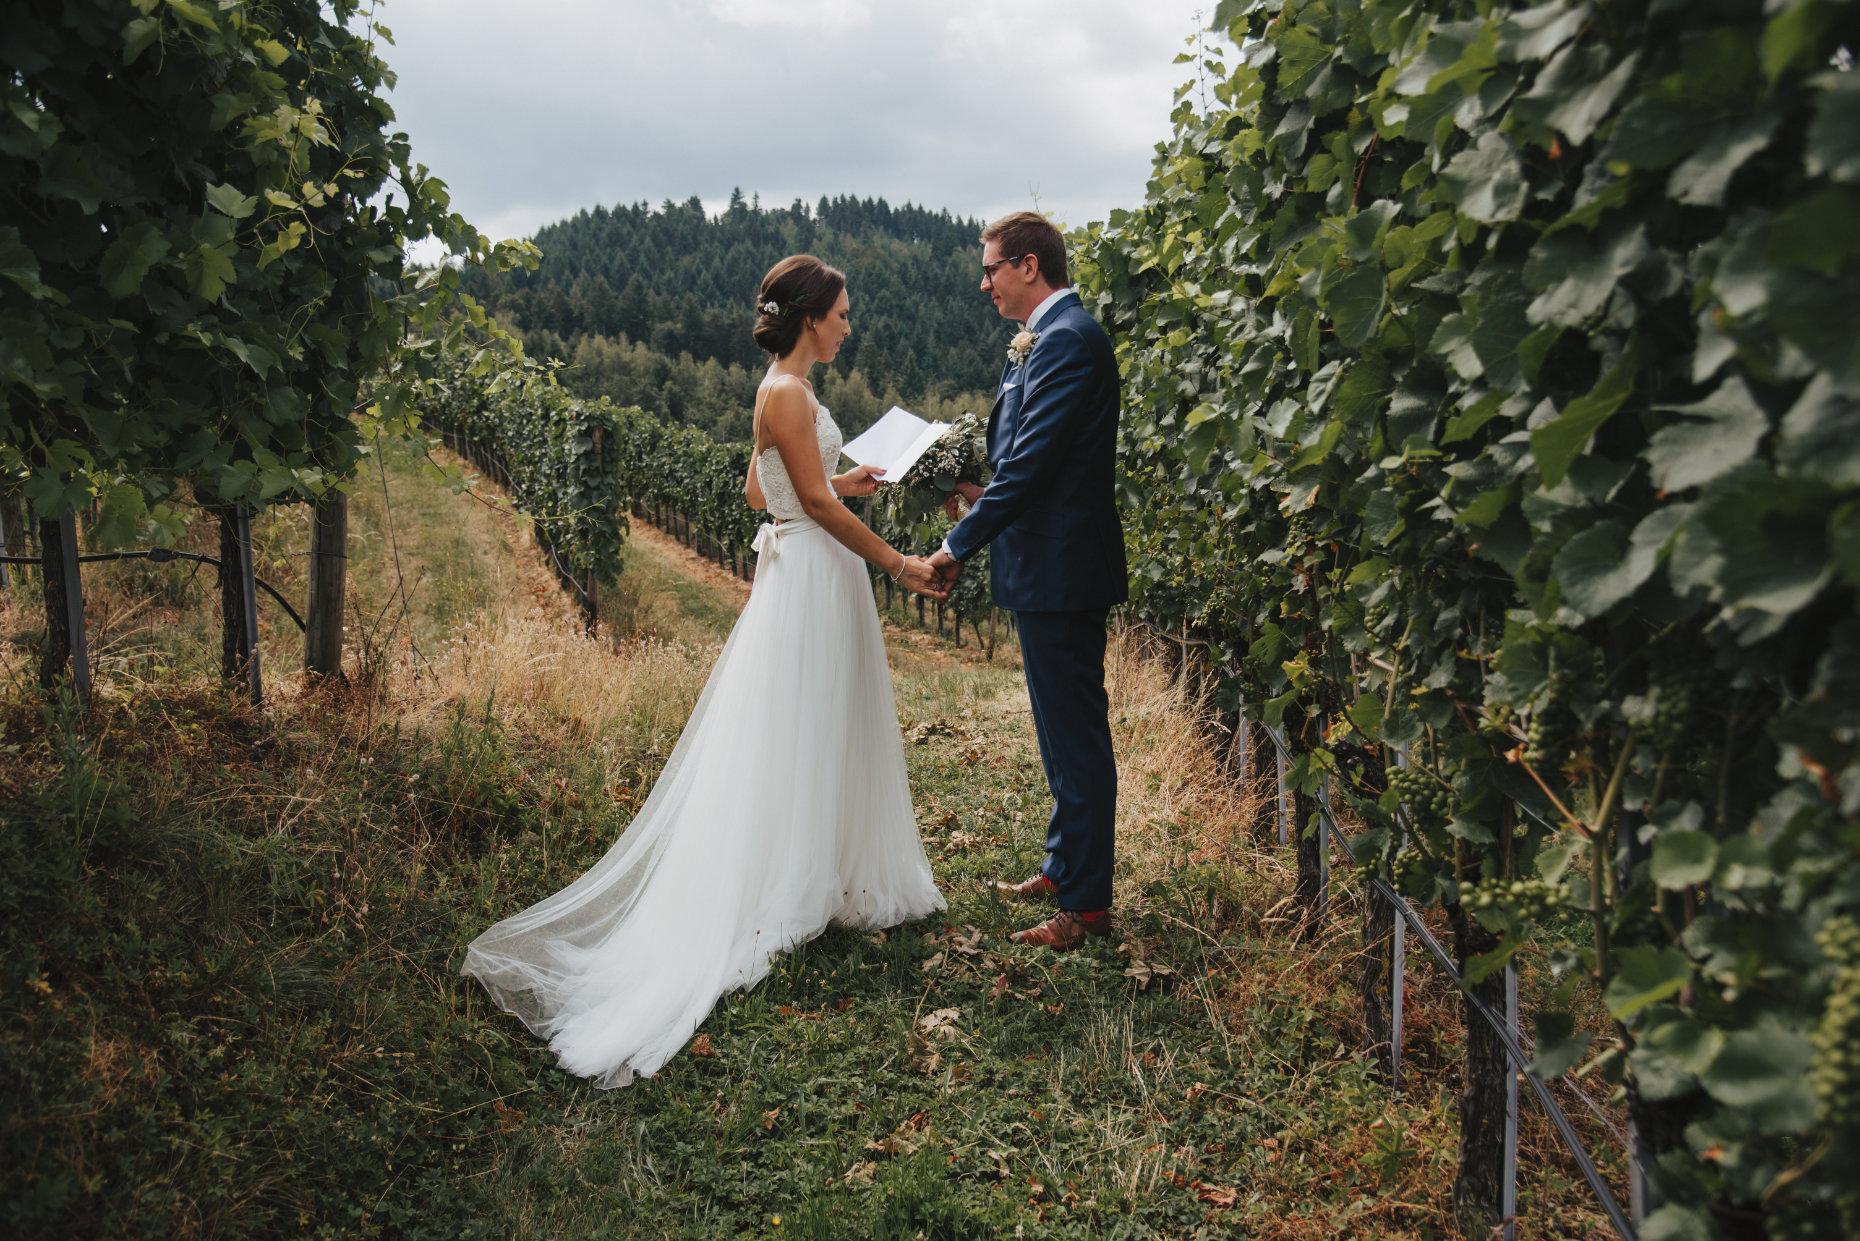 Ein Eheversprechen in den Reben